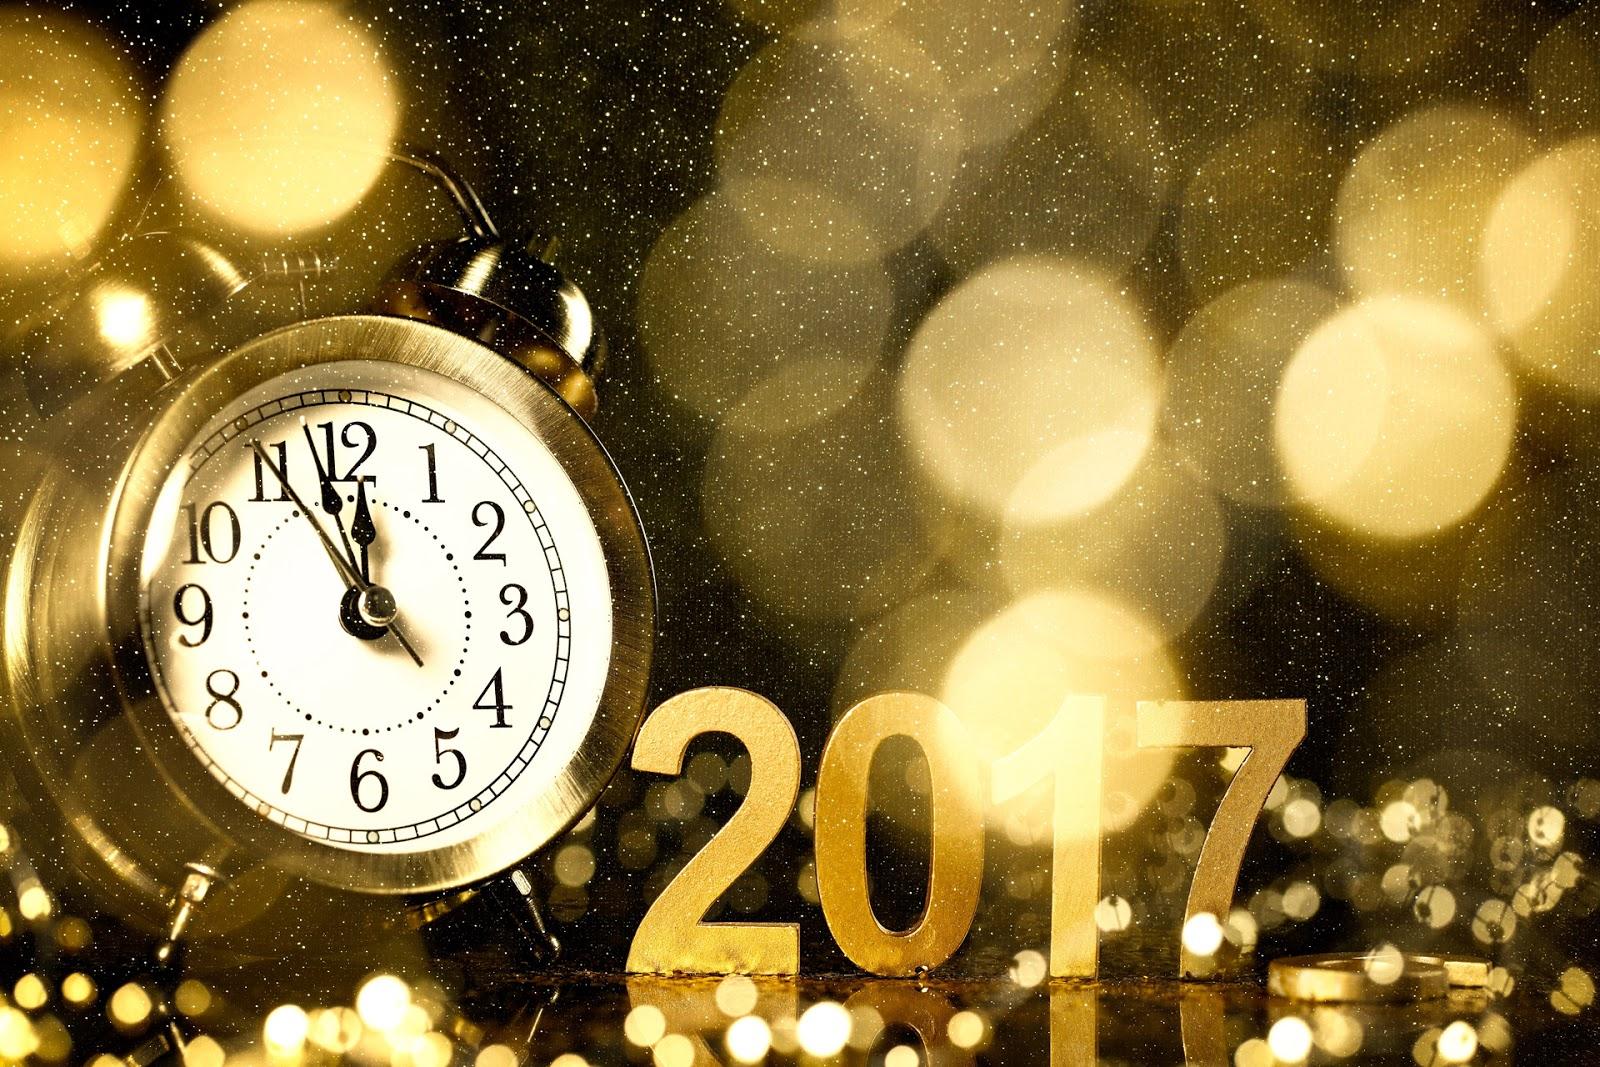 Hình nền tết 2017 đẹp chào đón năm mới - hình 06